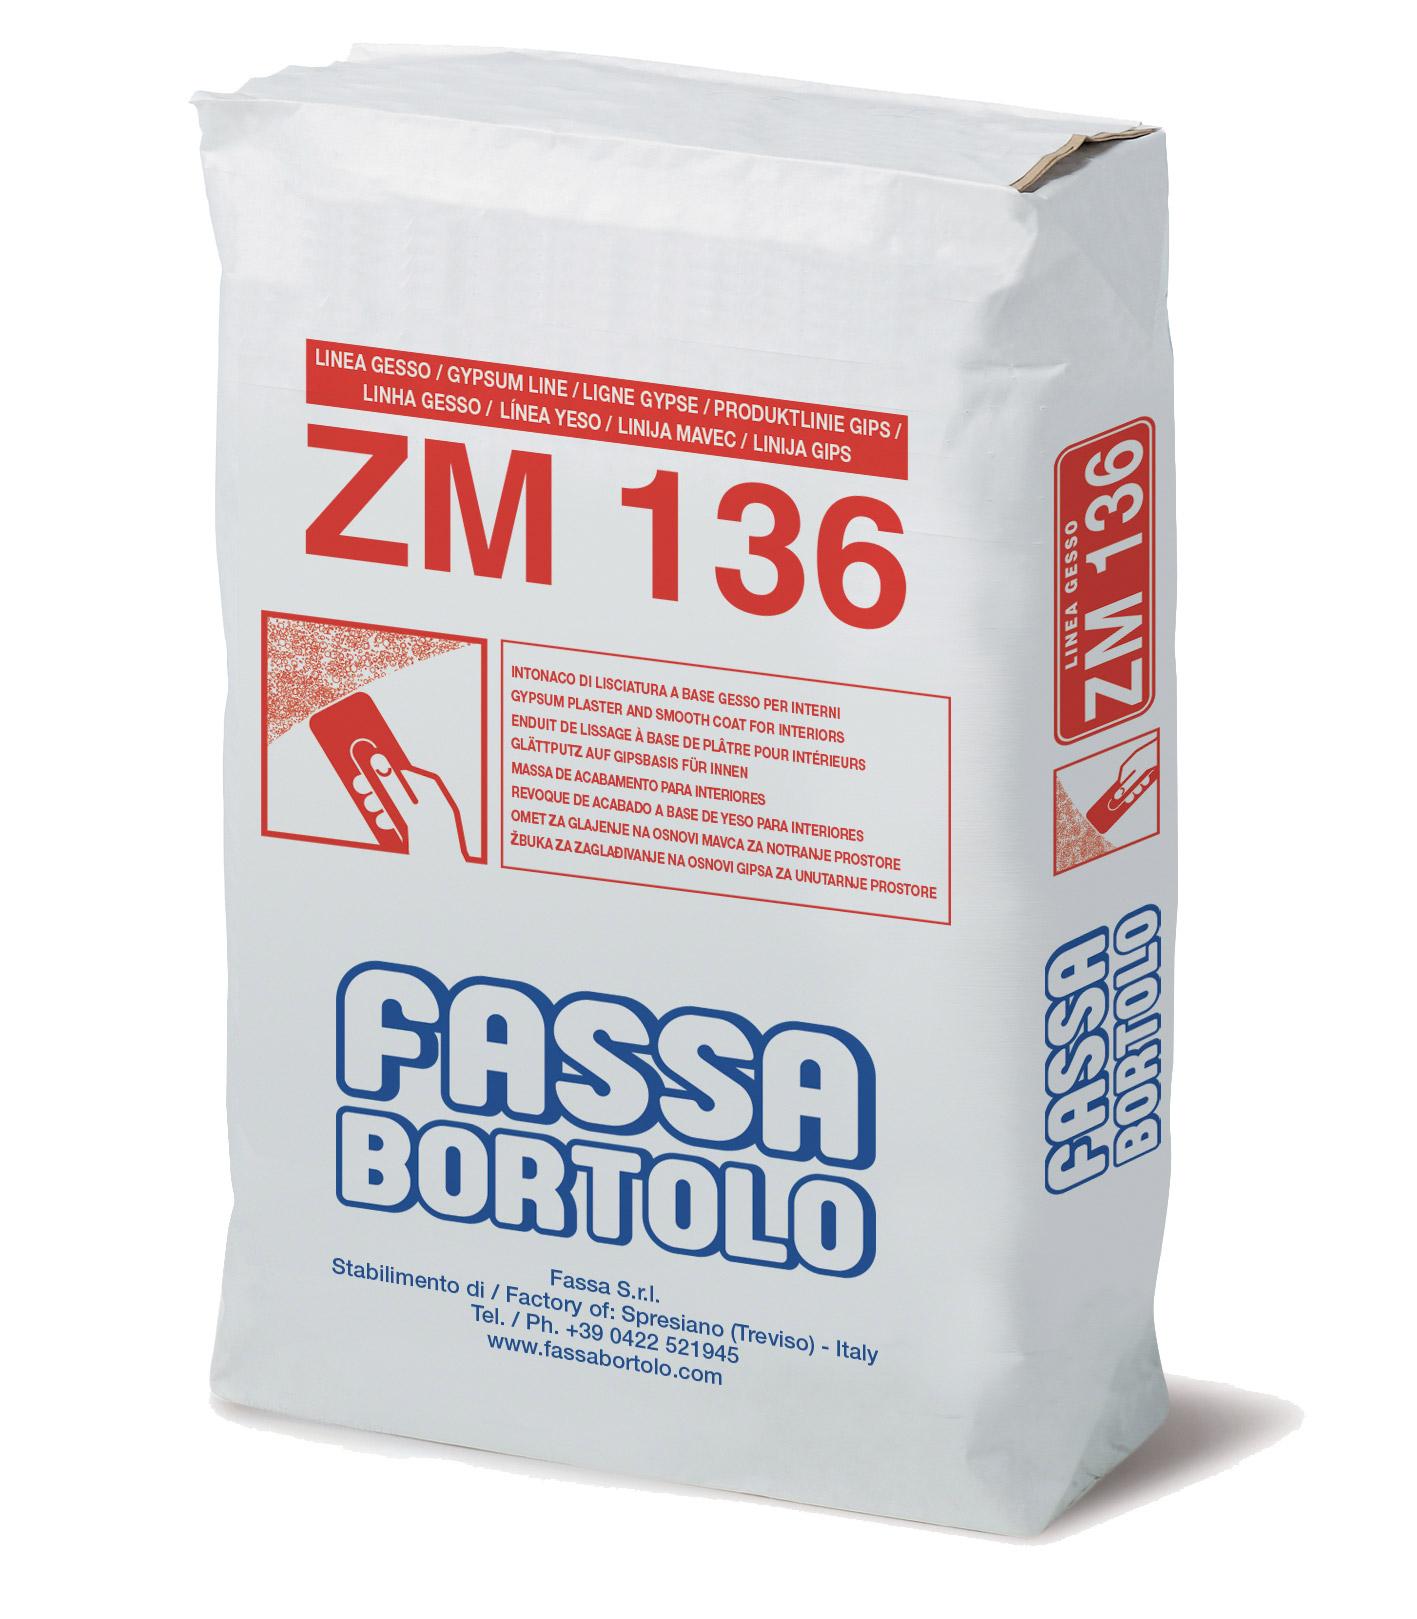 zm 136 - intonaco e lisciatura a base di gesso per interni - fassa